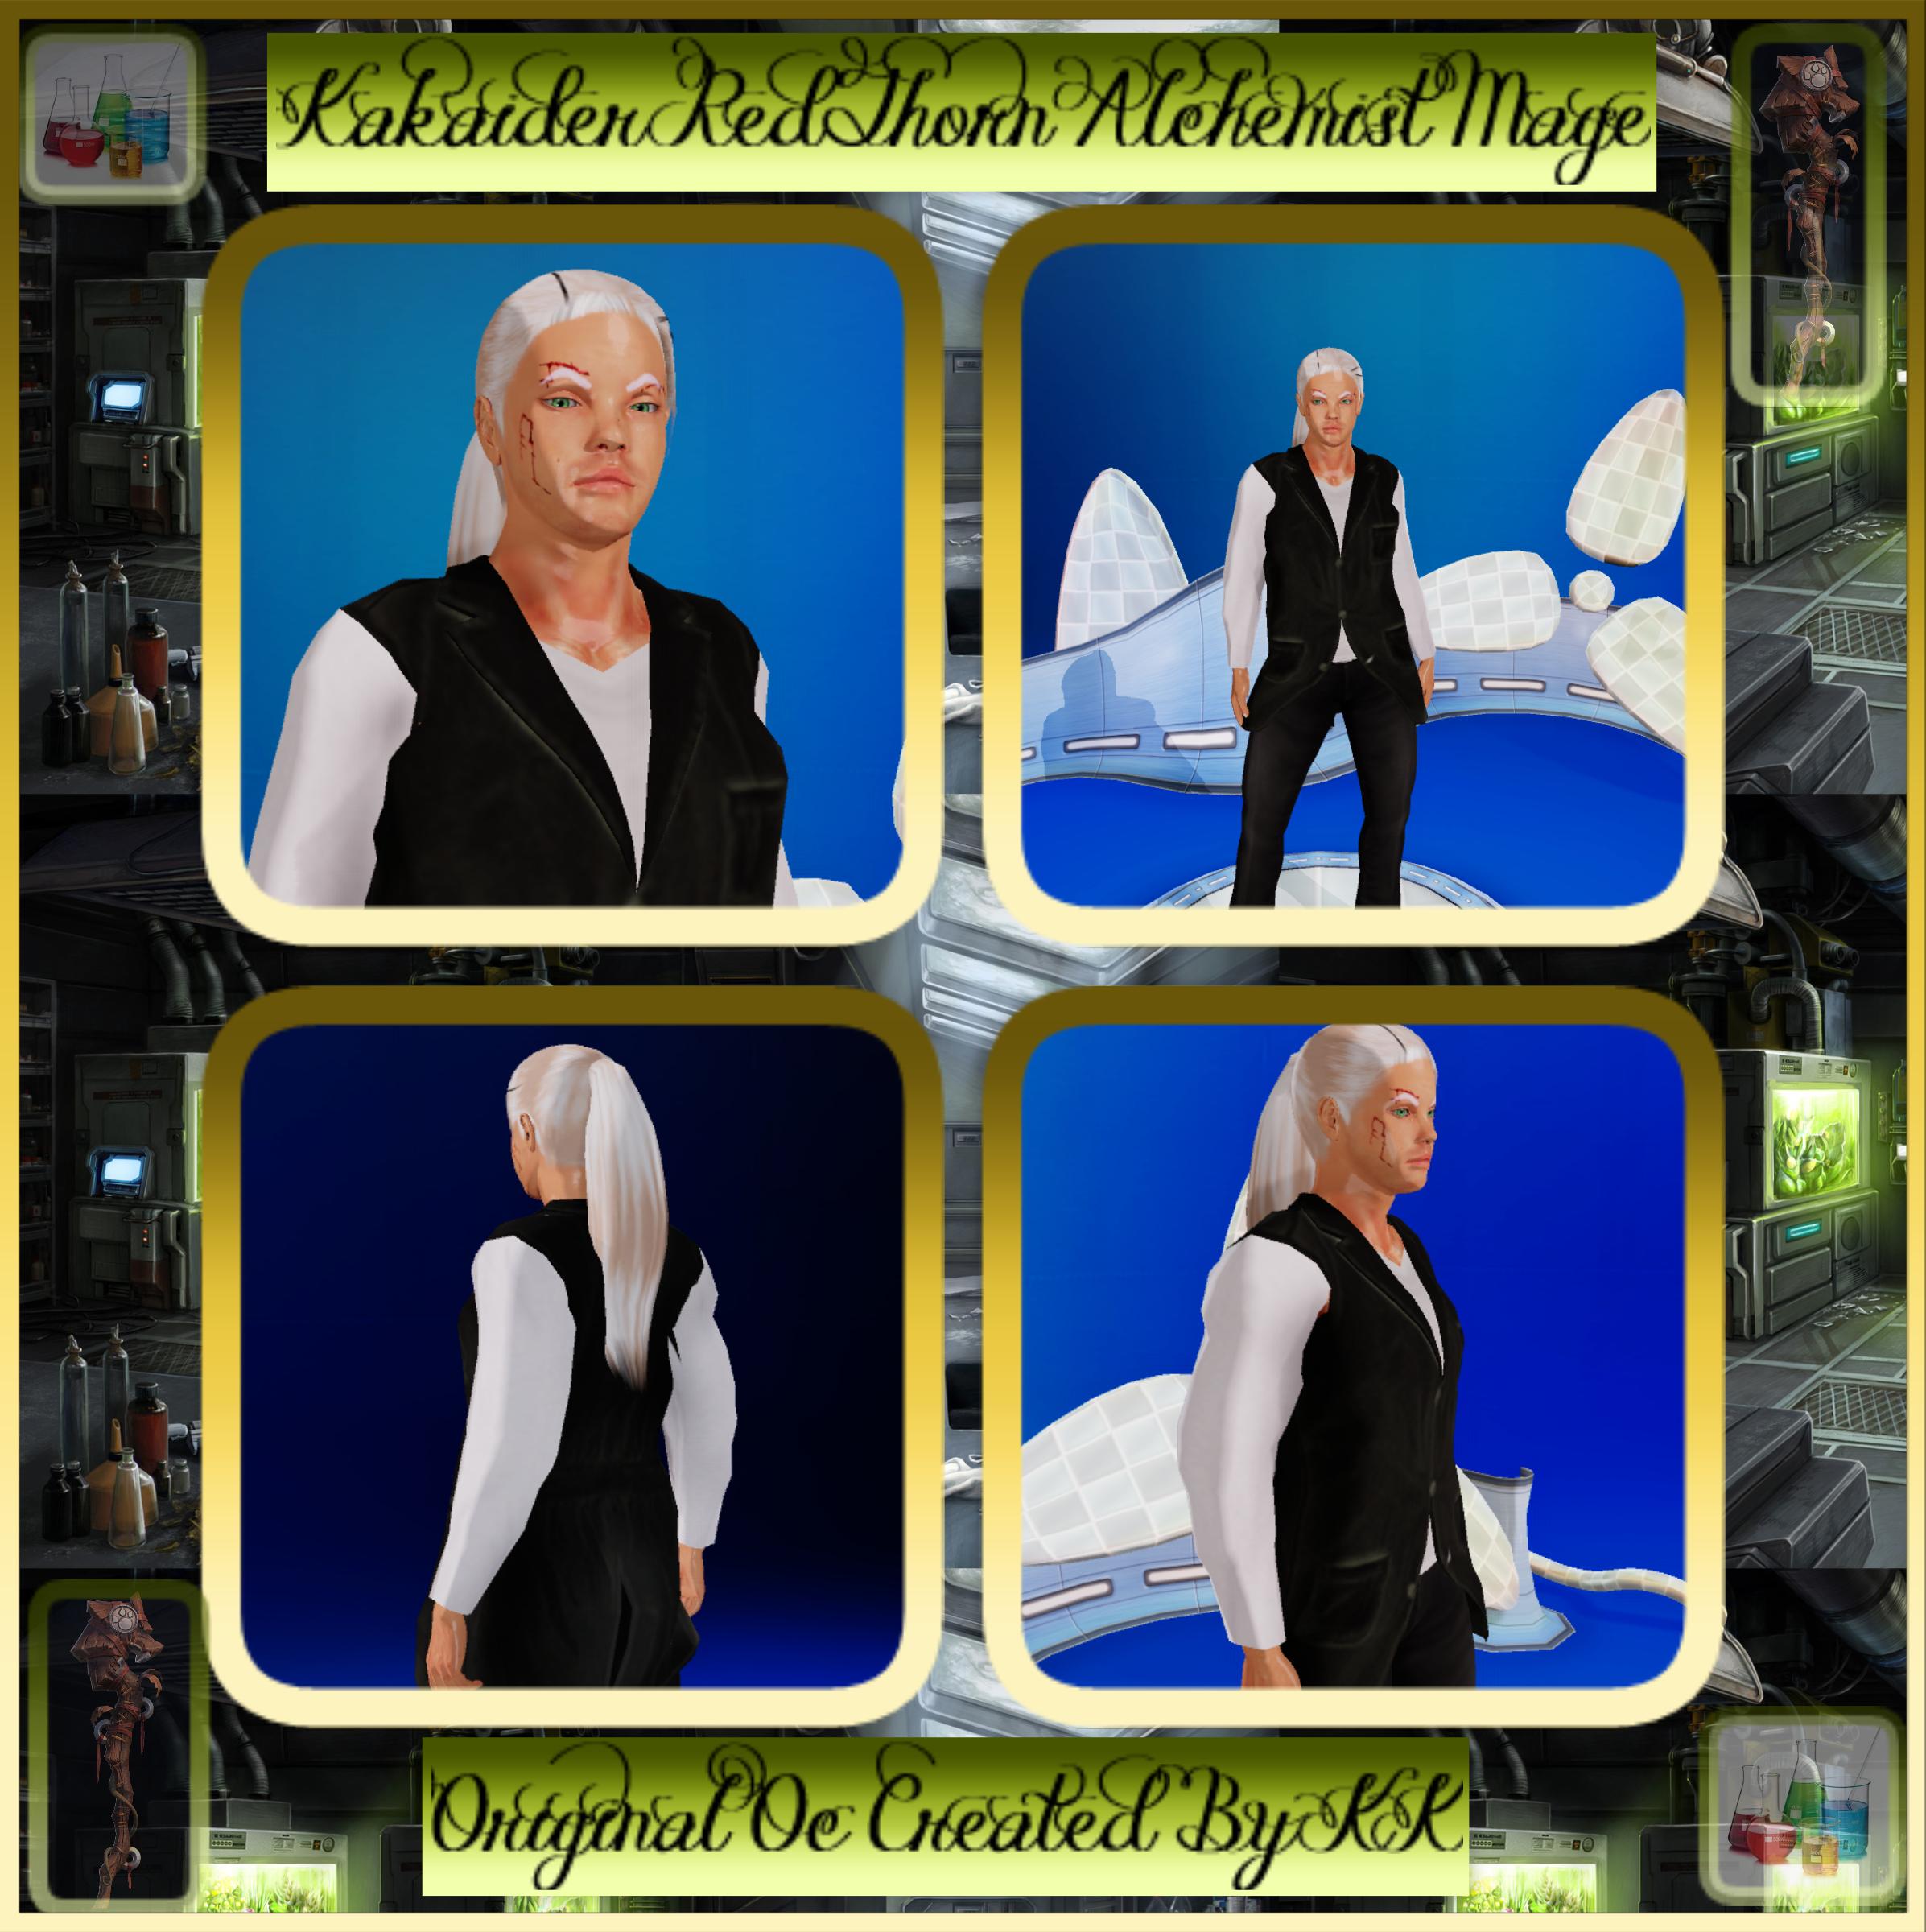 Kakaider RedThorn The Alchemist Mage